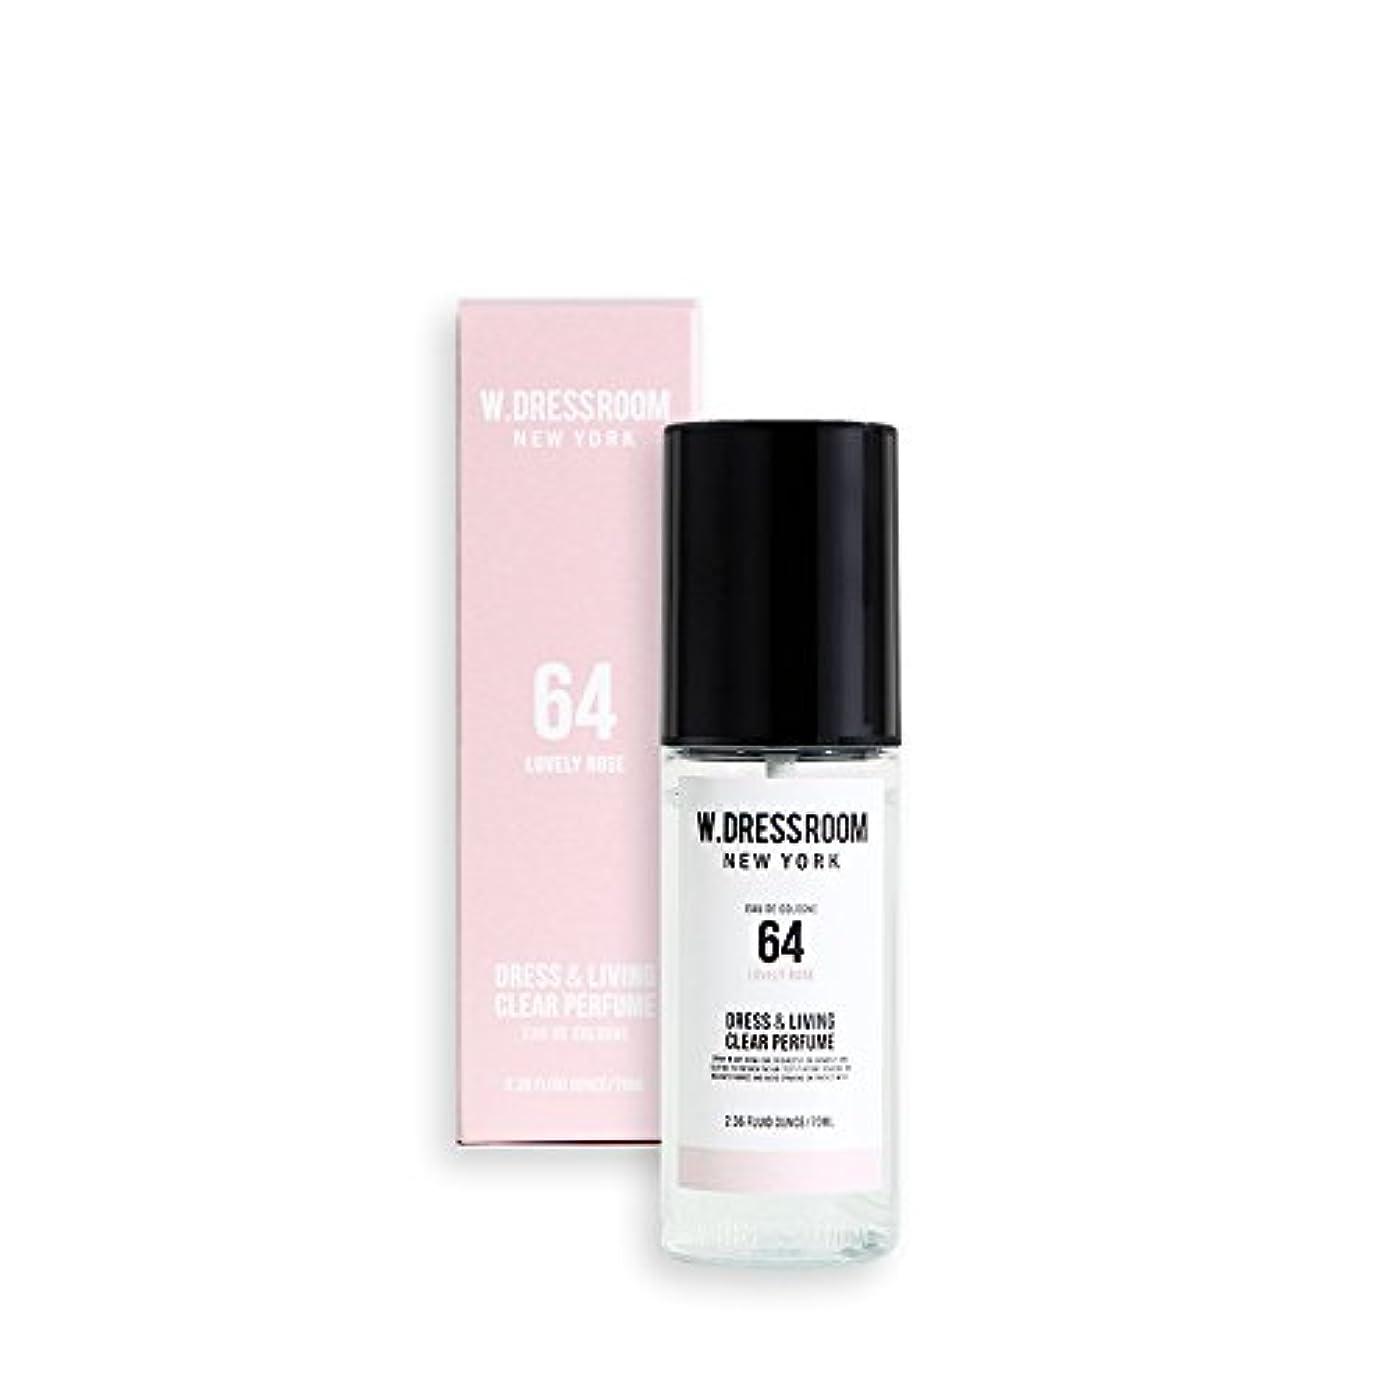 かかわらず感情進化するW.DRESSROOM Dress & Living Clear Perfume 70ml/ダブルドレスルーム ドレス&リビング クリア パフューム 70ml (#No.64 Lovely Rose) [並行輸入品]